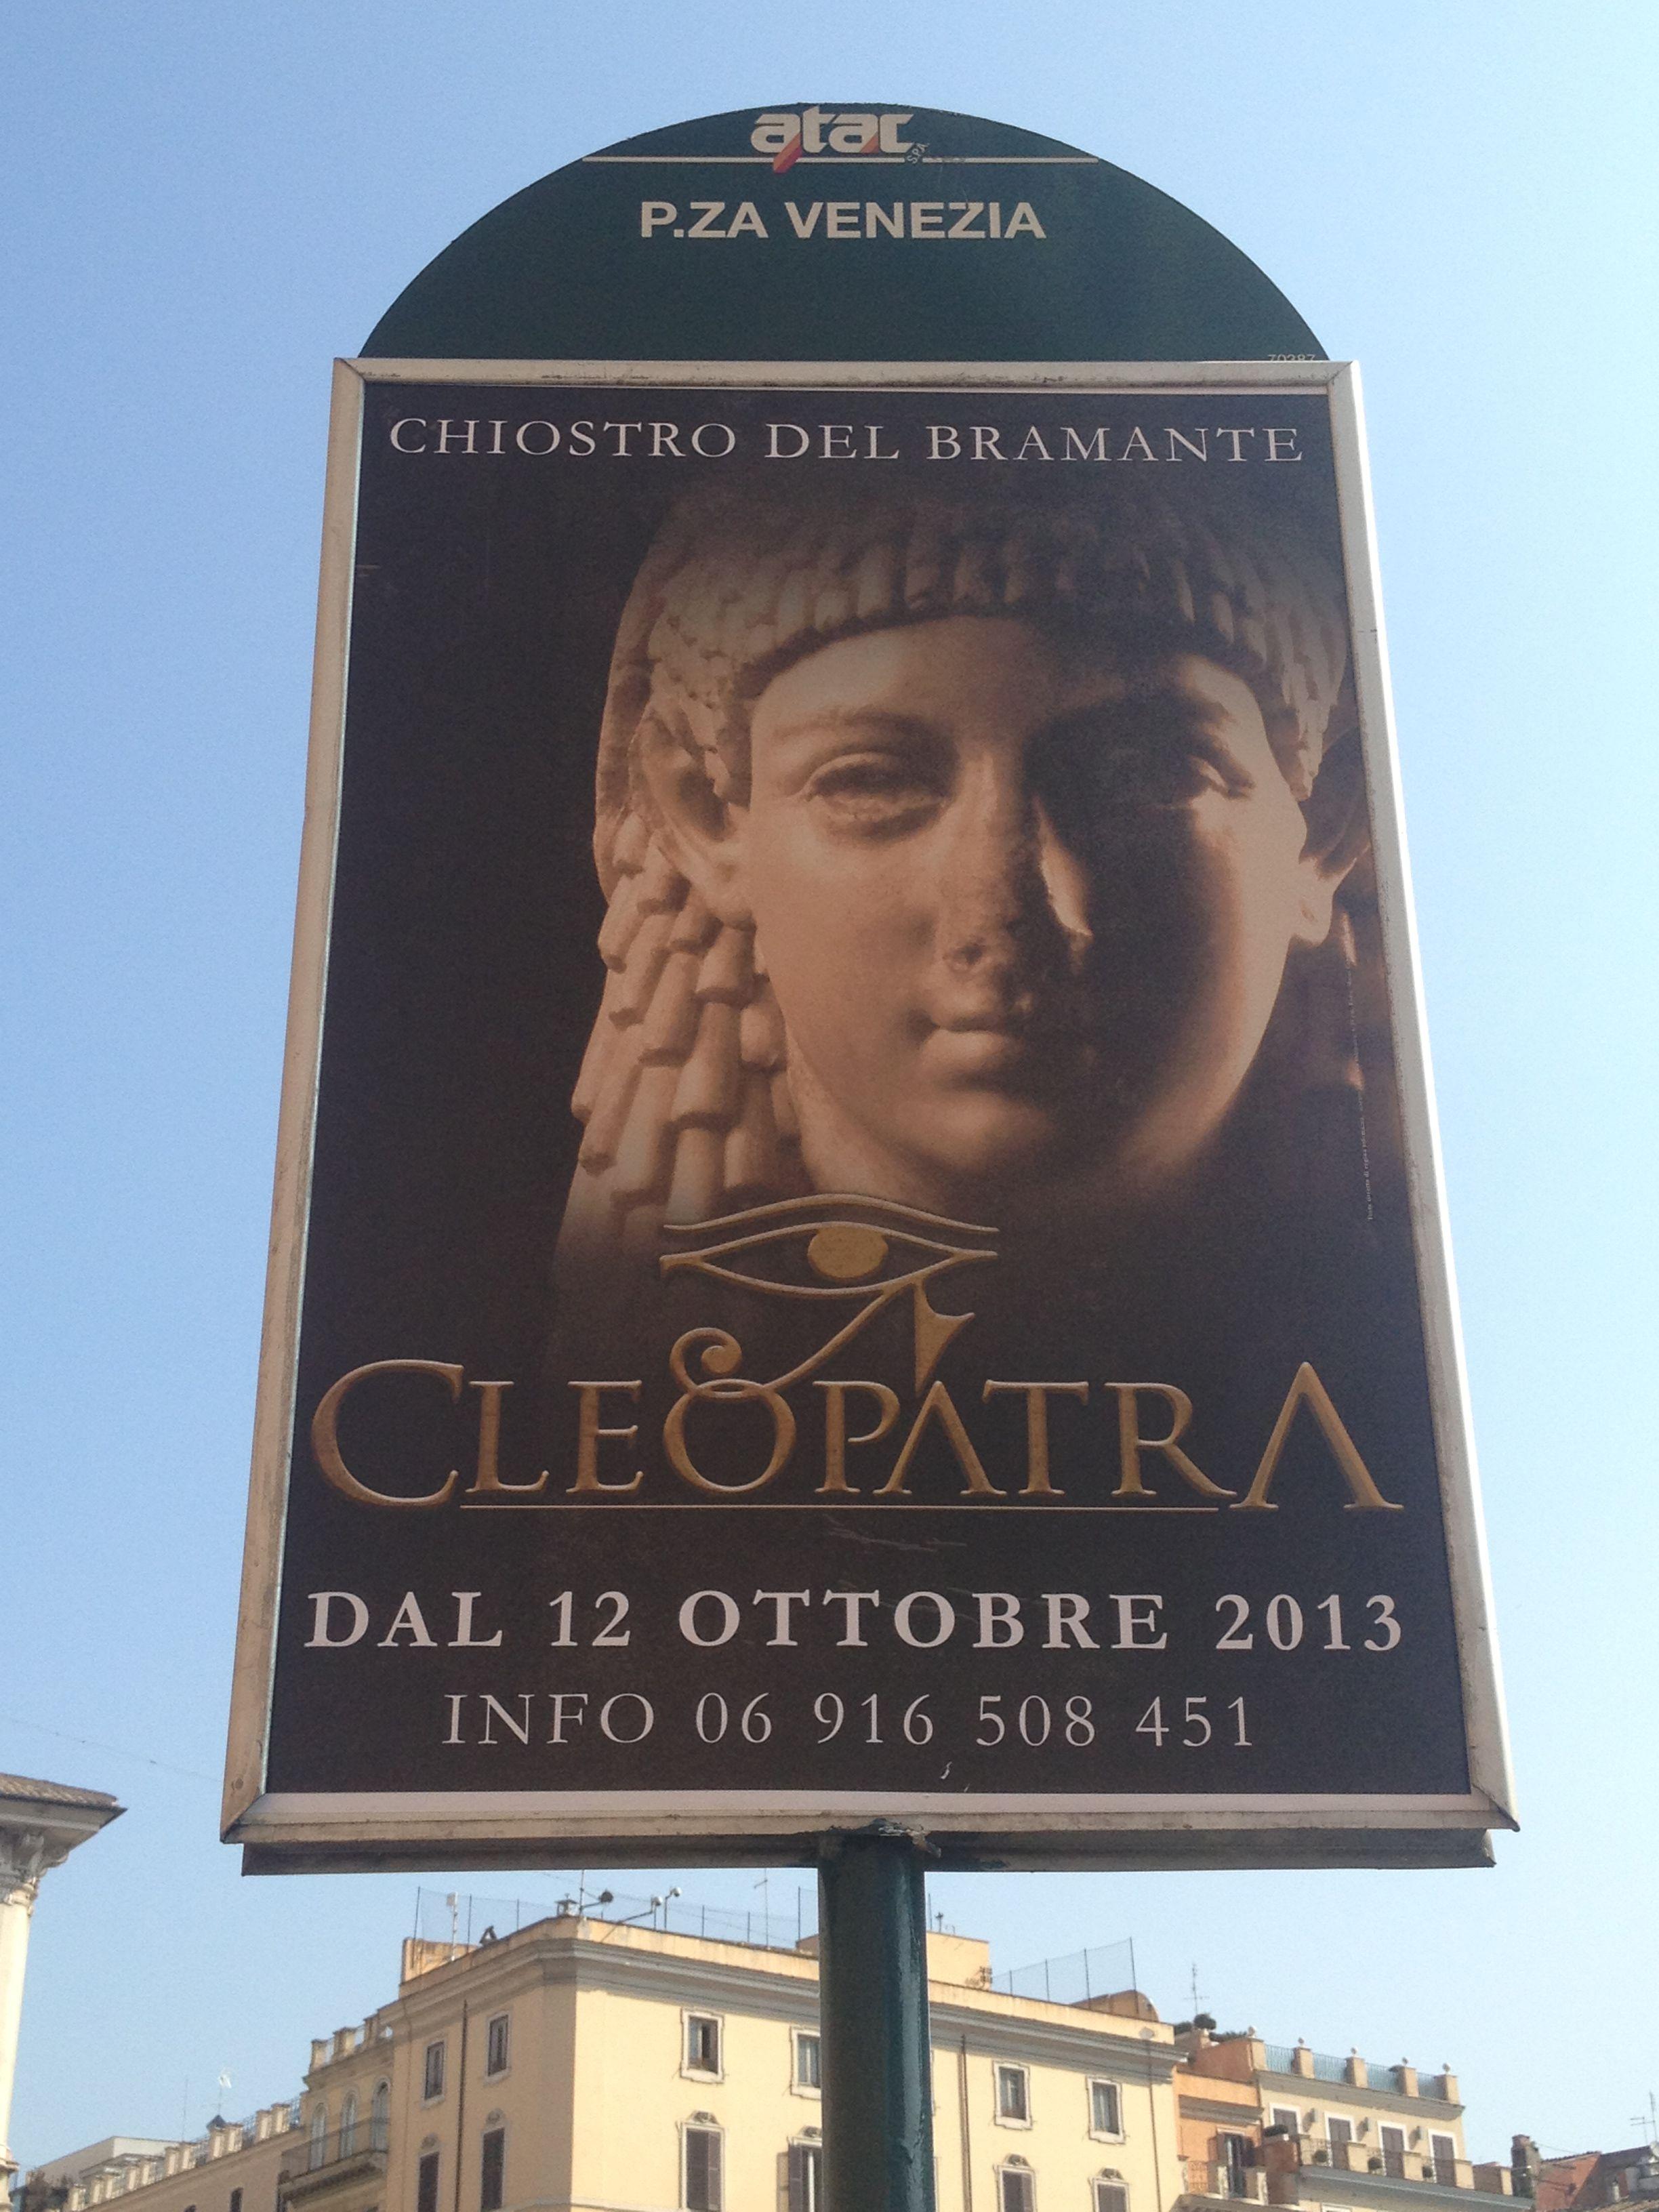 #CLEOPATRA IS COOMING...12 ottobre 2013 @ Chiostro del Bramante; Roma già respira il fascino dell'Egitto di Cleopatra in attesa della #mostra presto al #Chiostro del Bramante!